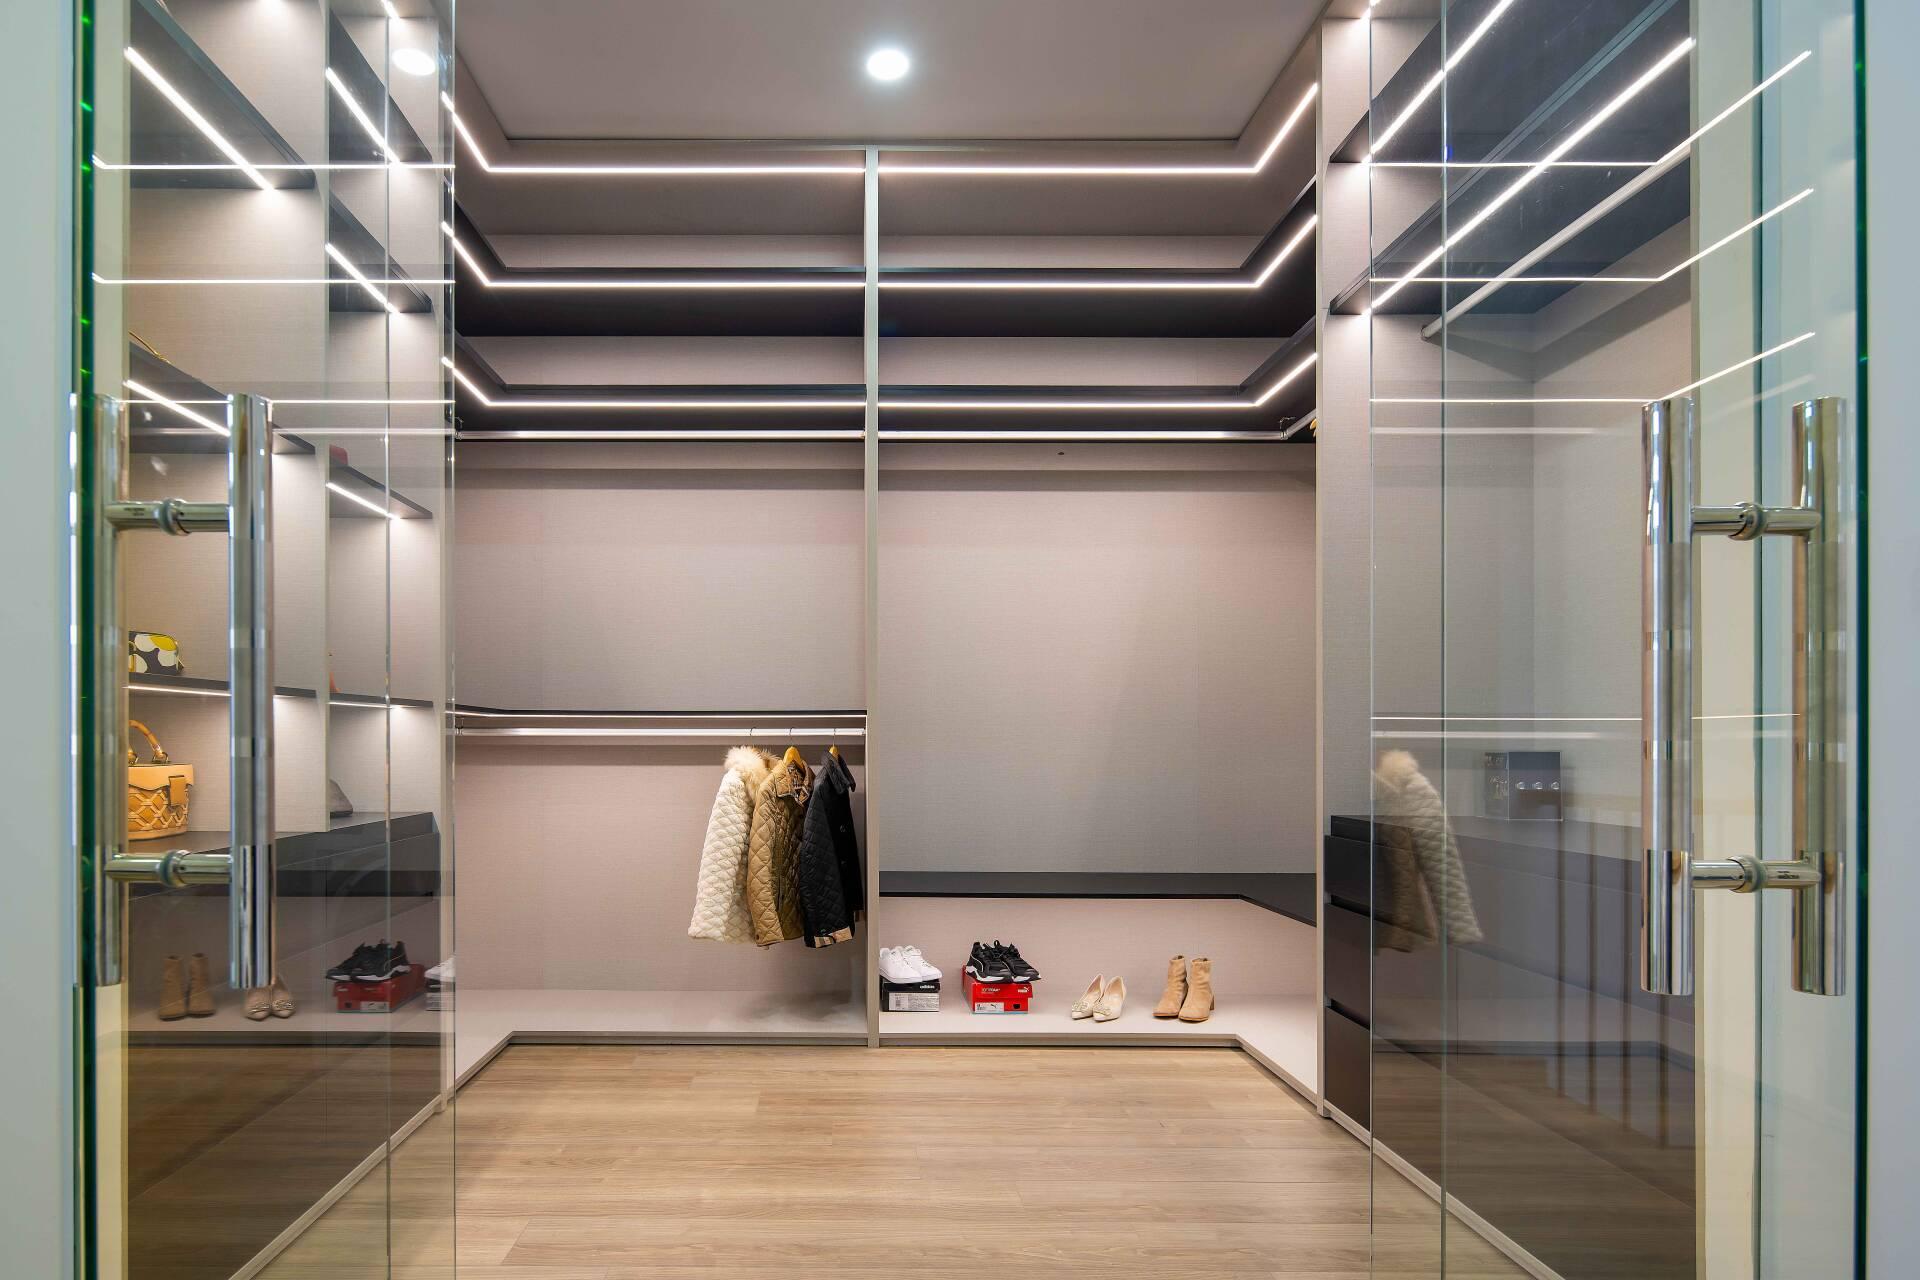 Phòng thay đồ được thiết kế ấn tượng khi sử dụng kệ treo thay vì tủ có cánh. Sử dụng kệ treo đồ sẽ giúp gia chủ dễ dàng tìm đồ cũng như hạn chế tình trạng ẩm mốc quần áo